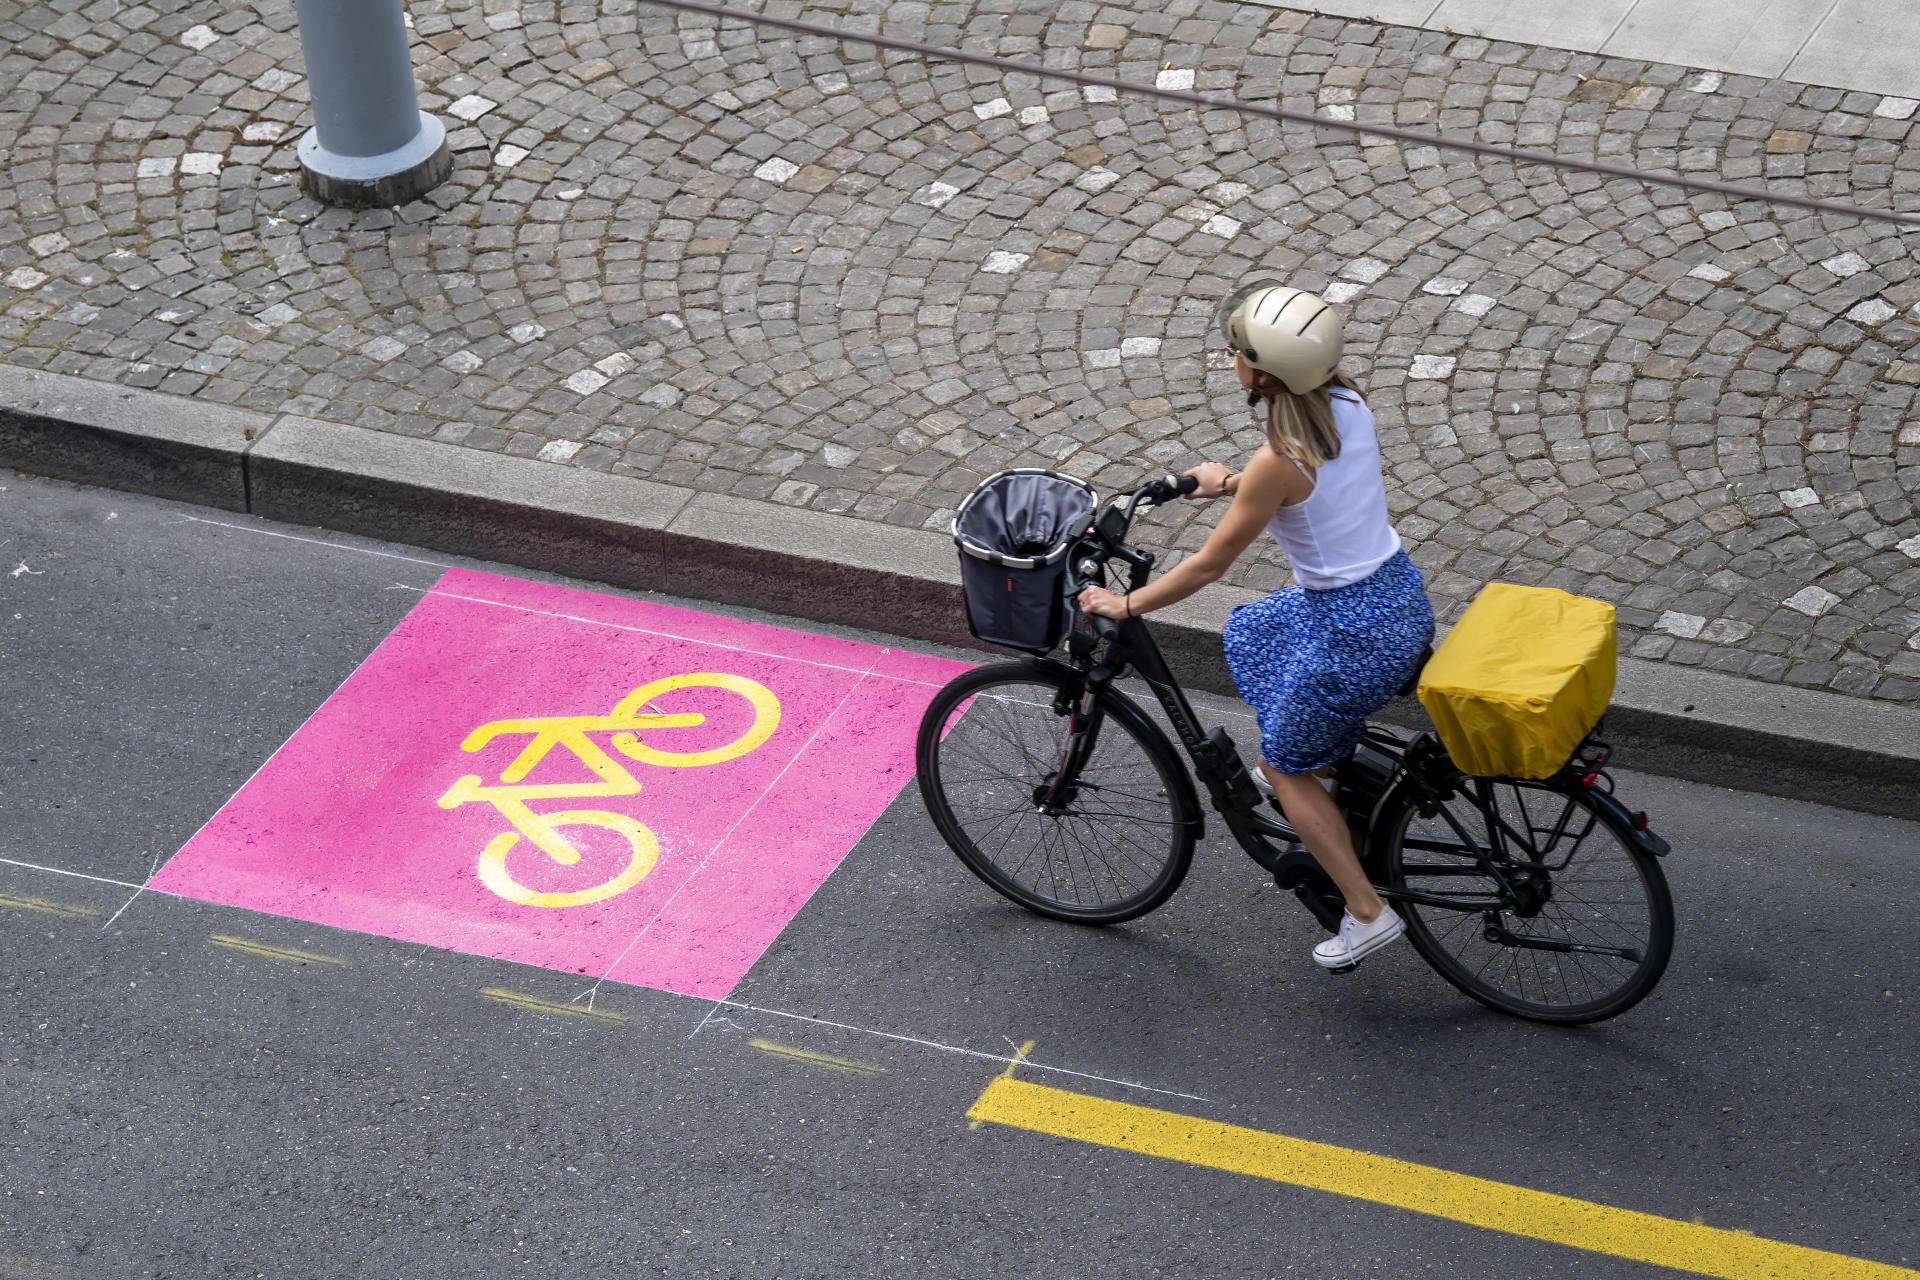 Pistes Cyclables A Zurich C Est Le Chaos Mais Ca Fonctionne Le Temps